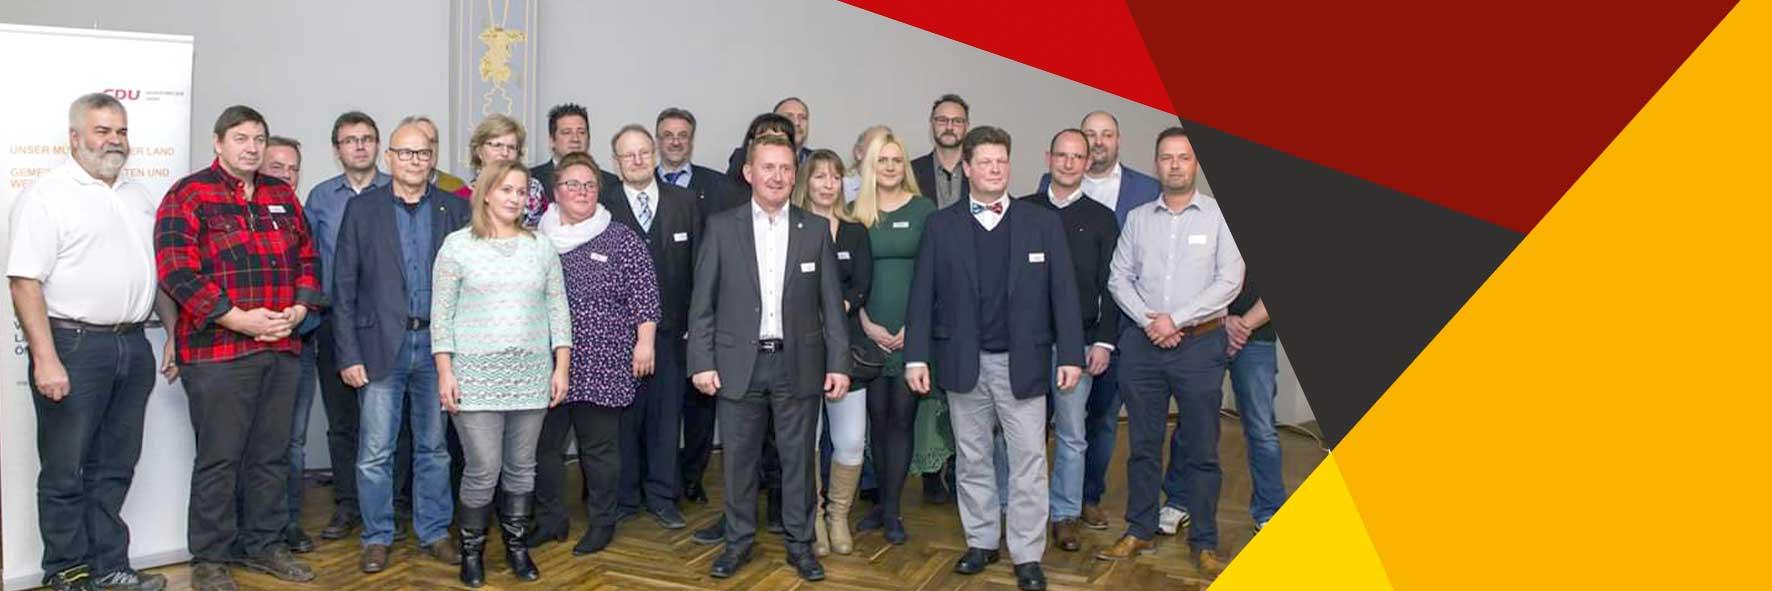 Mitglieder der CDU Mühlenbecker Land